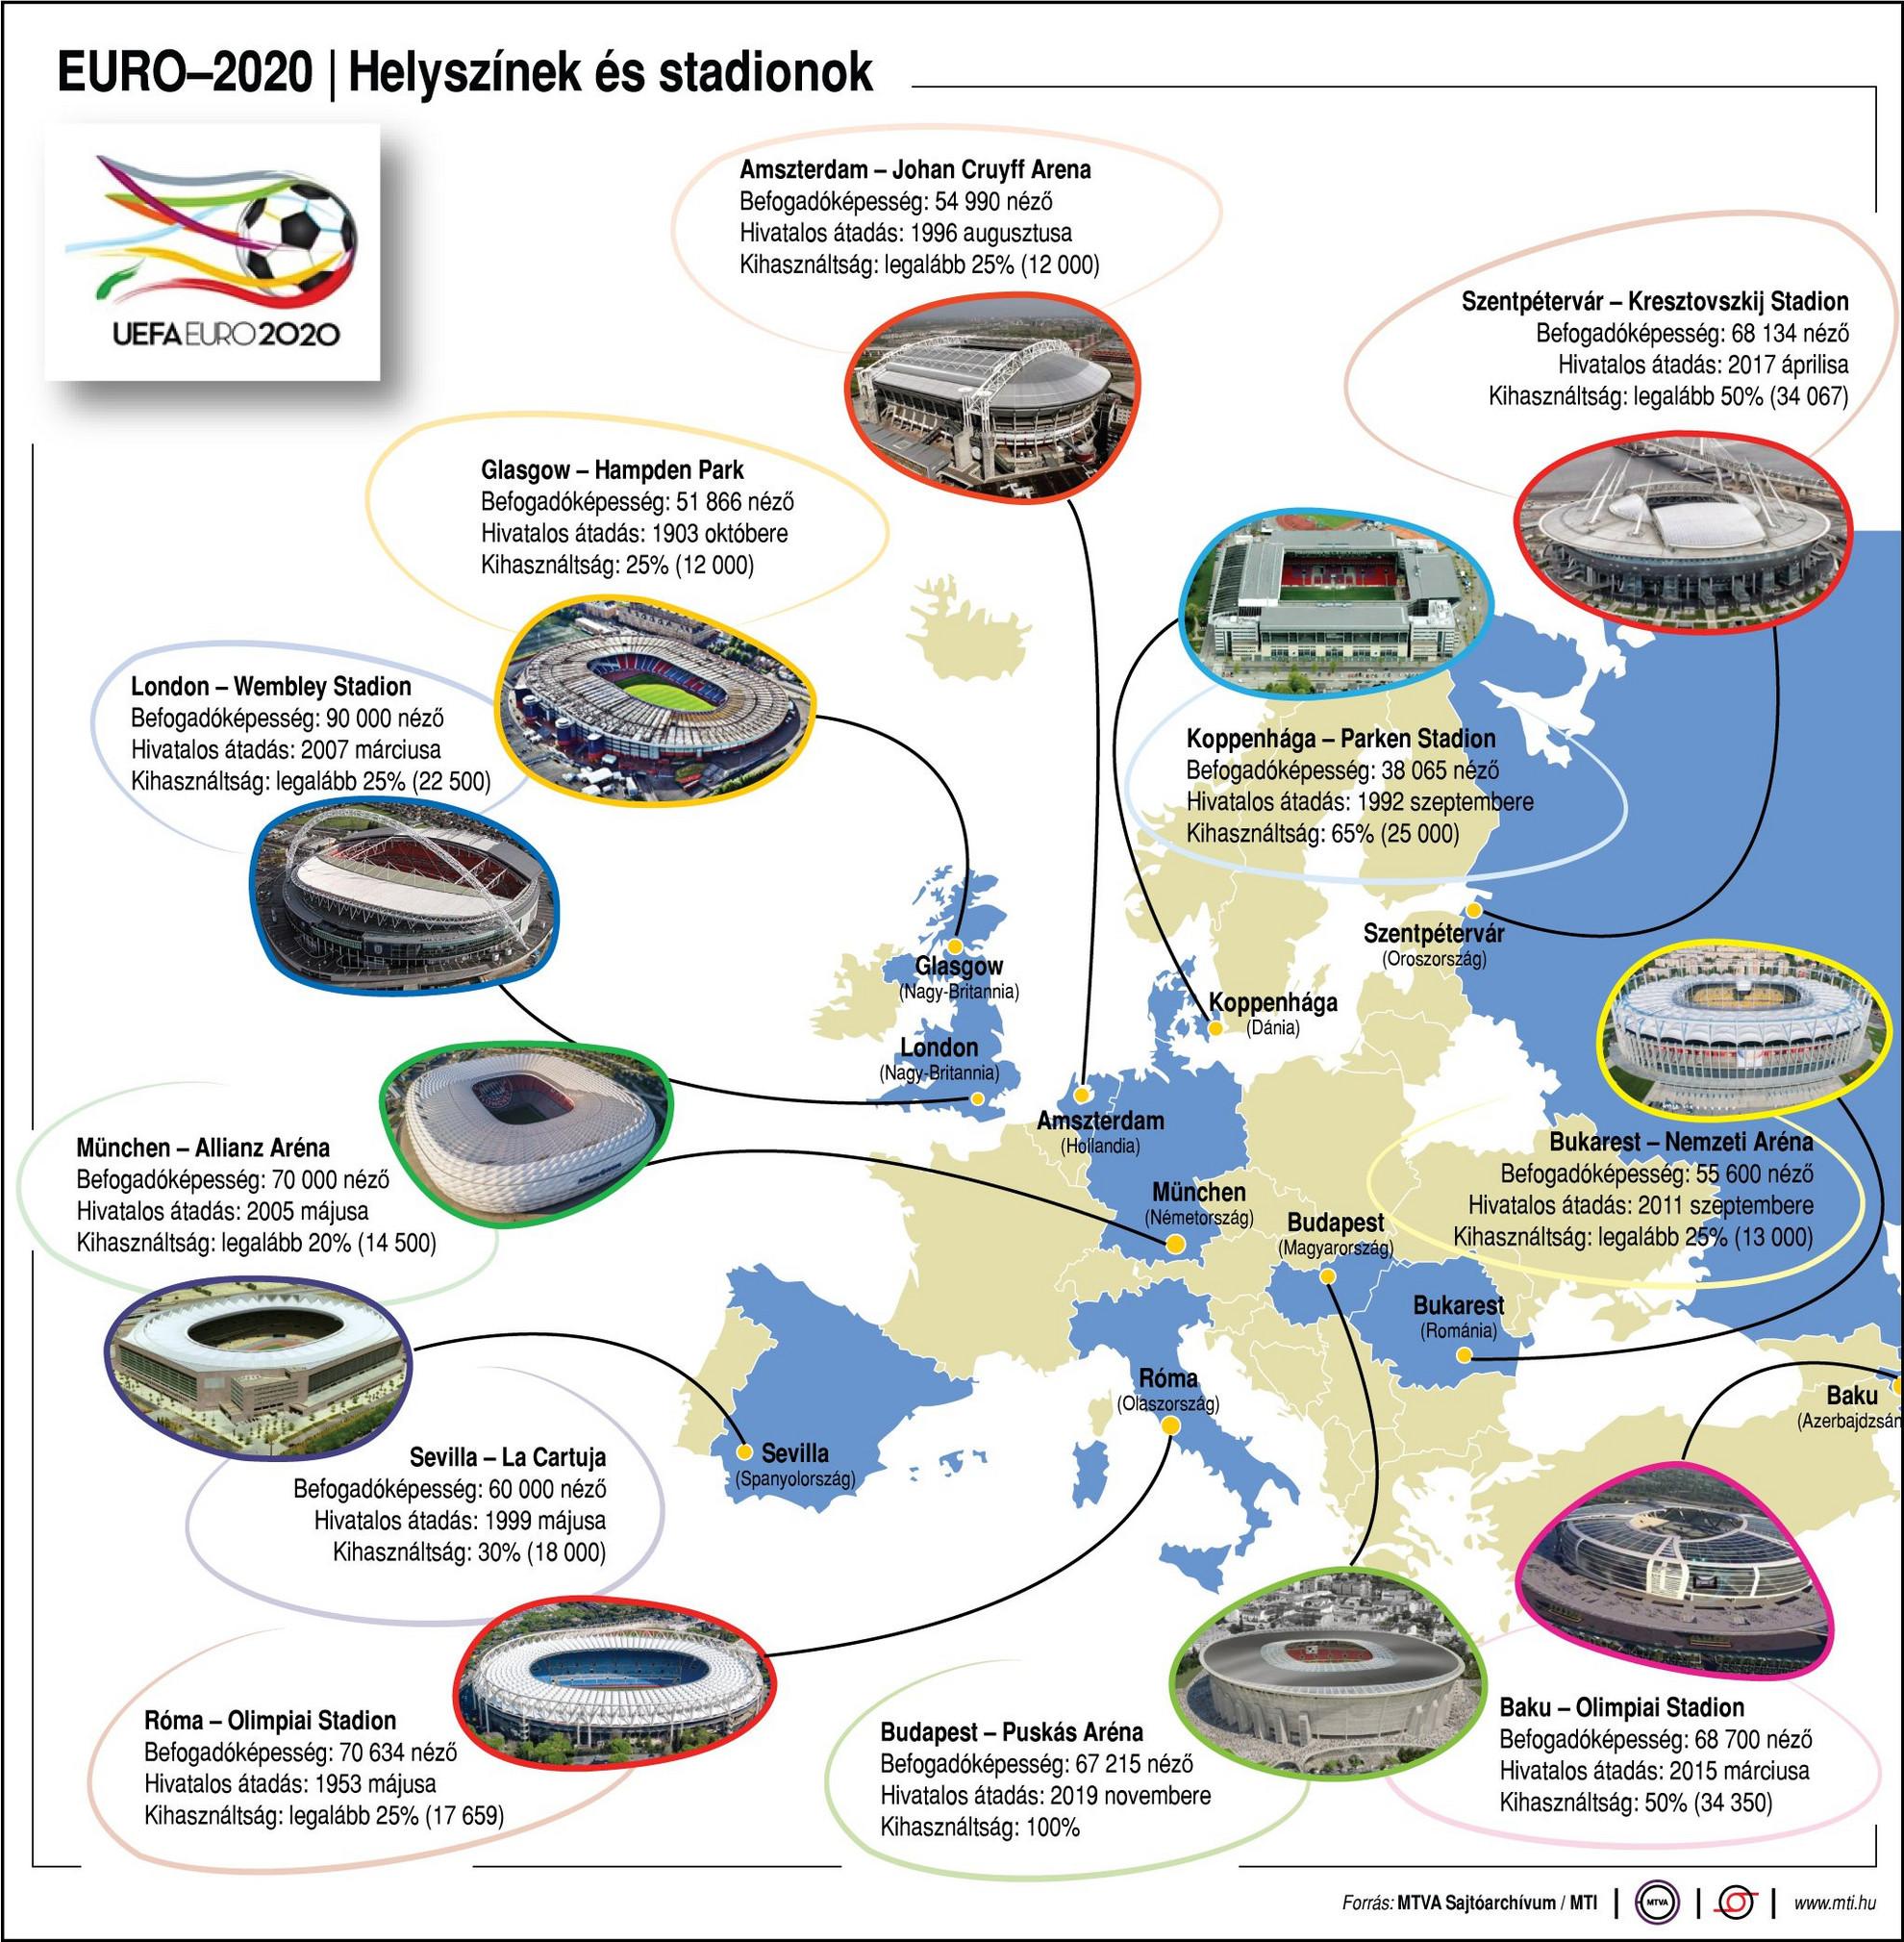 EURO 2020 - Helyszínek és stadionok